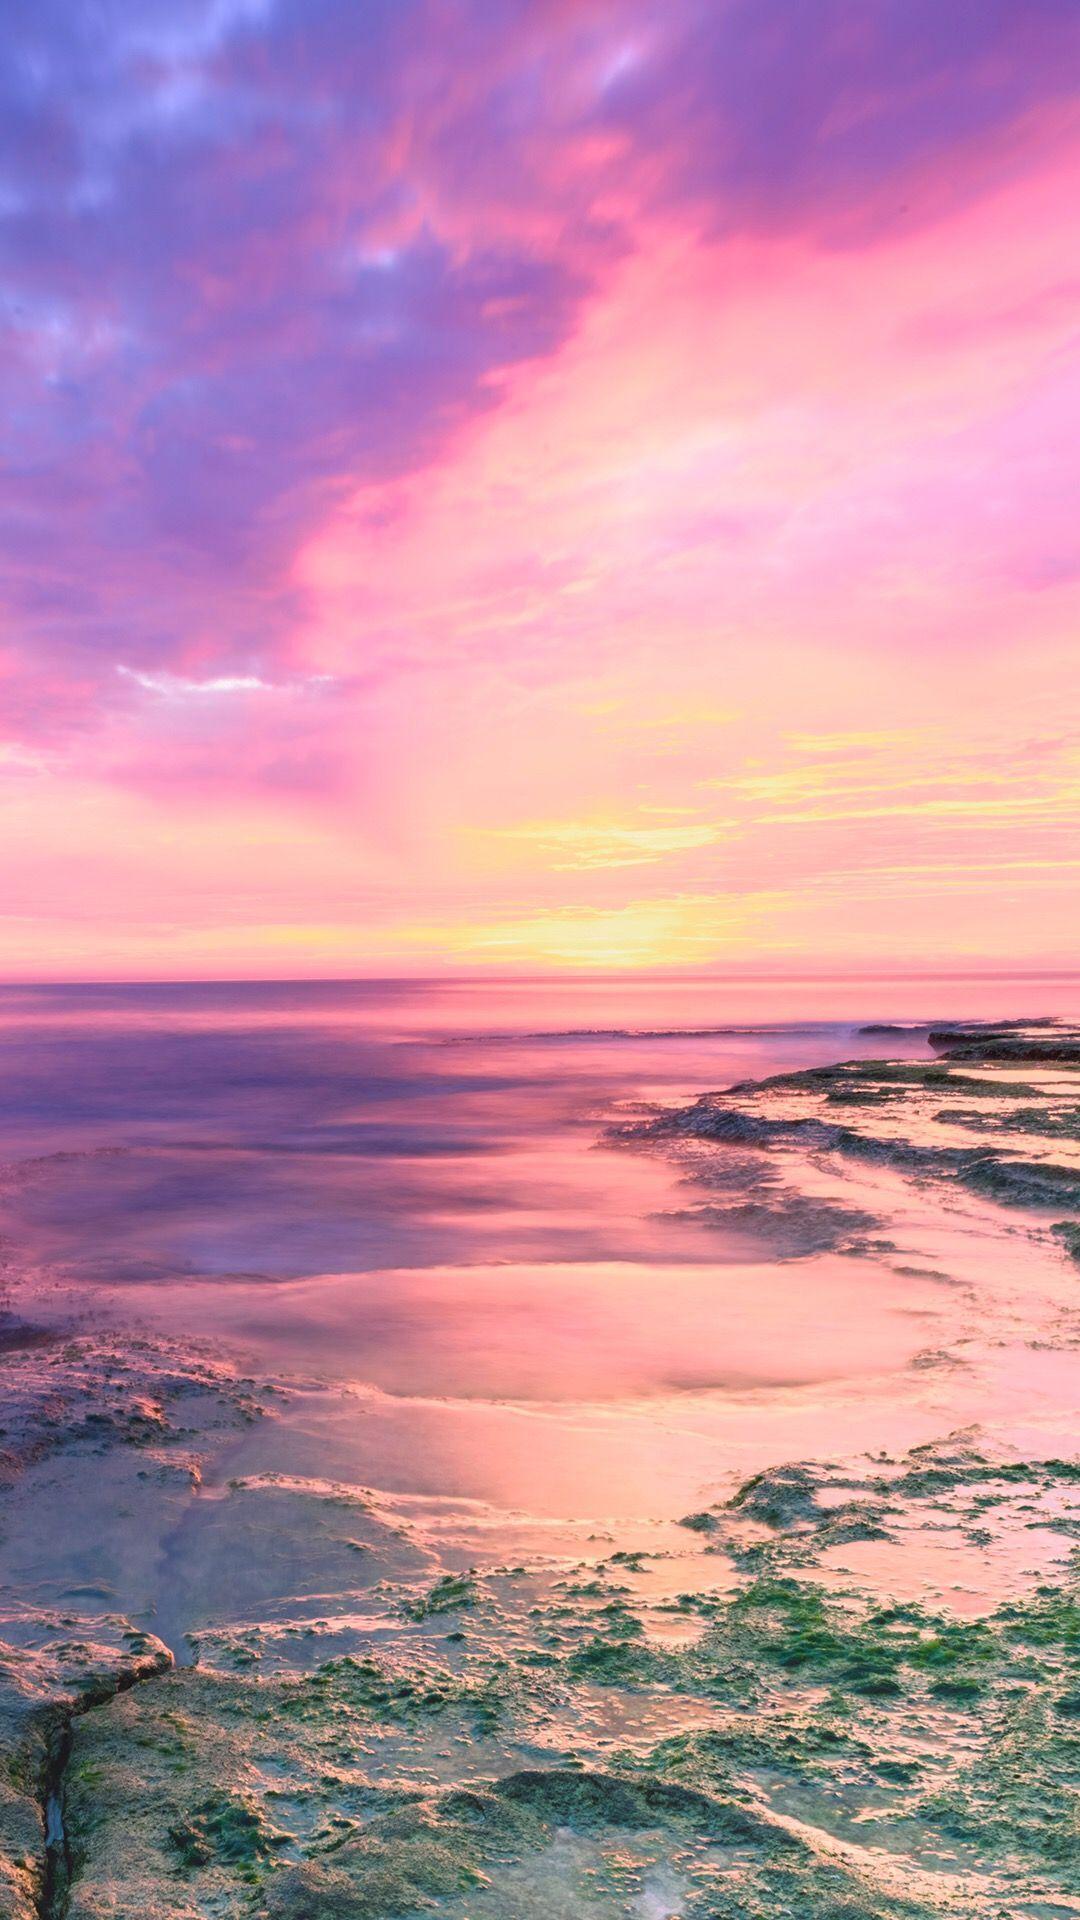 Pink Beach Cute Photos Iphone Wallpaper Sunset Iphone Wallpaper Beach Sunset Wallpaper Sunset Wallpaper